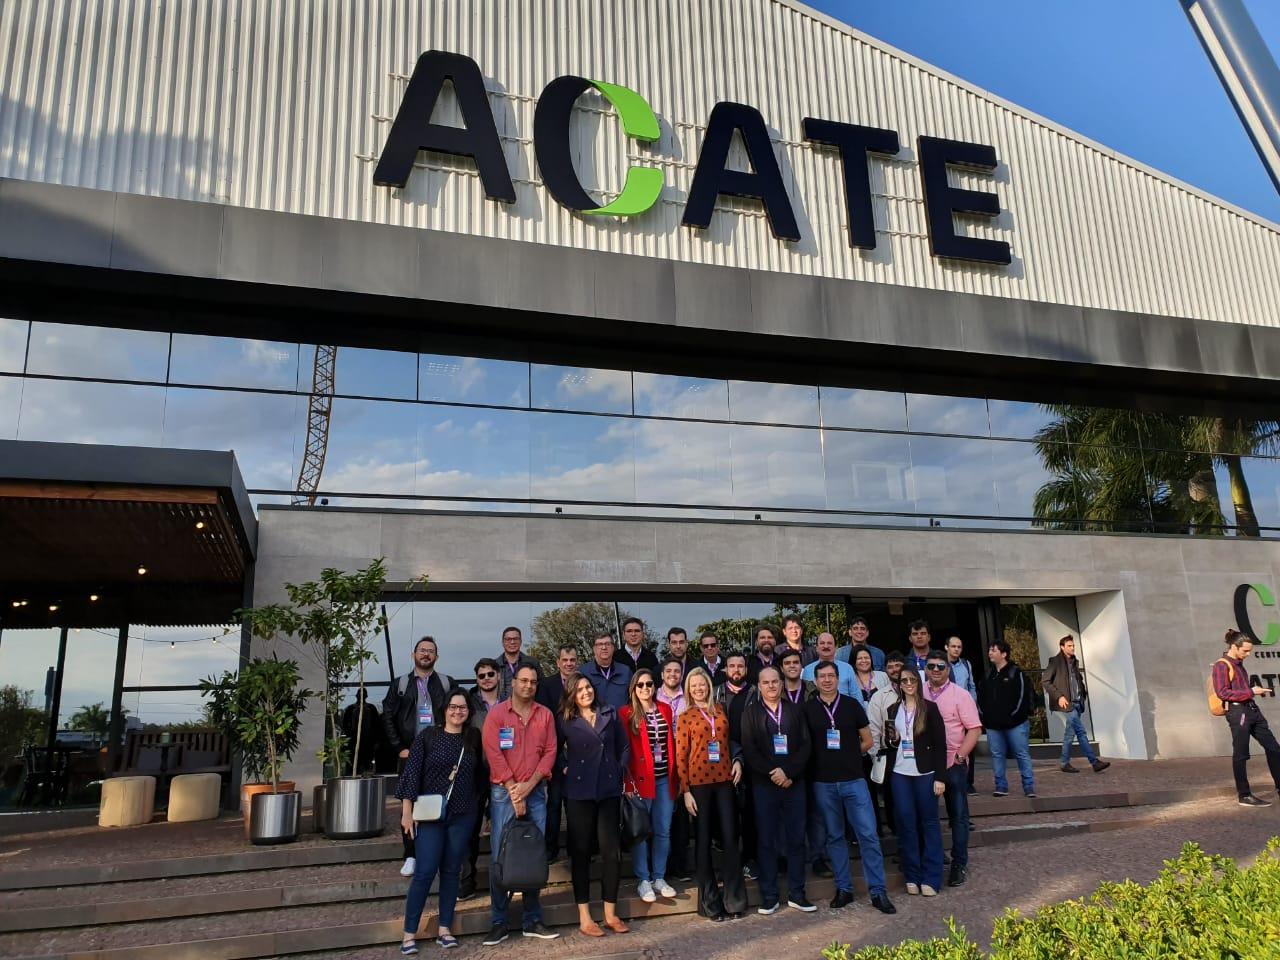 Visita Acate - Secretário municipal participa de semana de imersão em tecnologia em Florianópolis